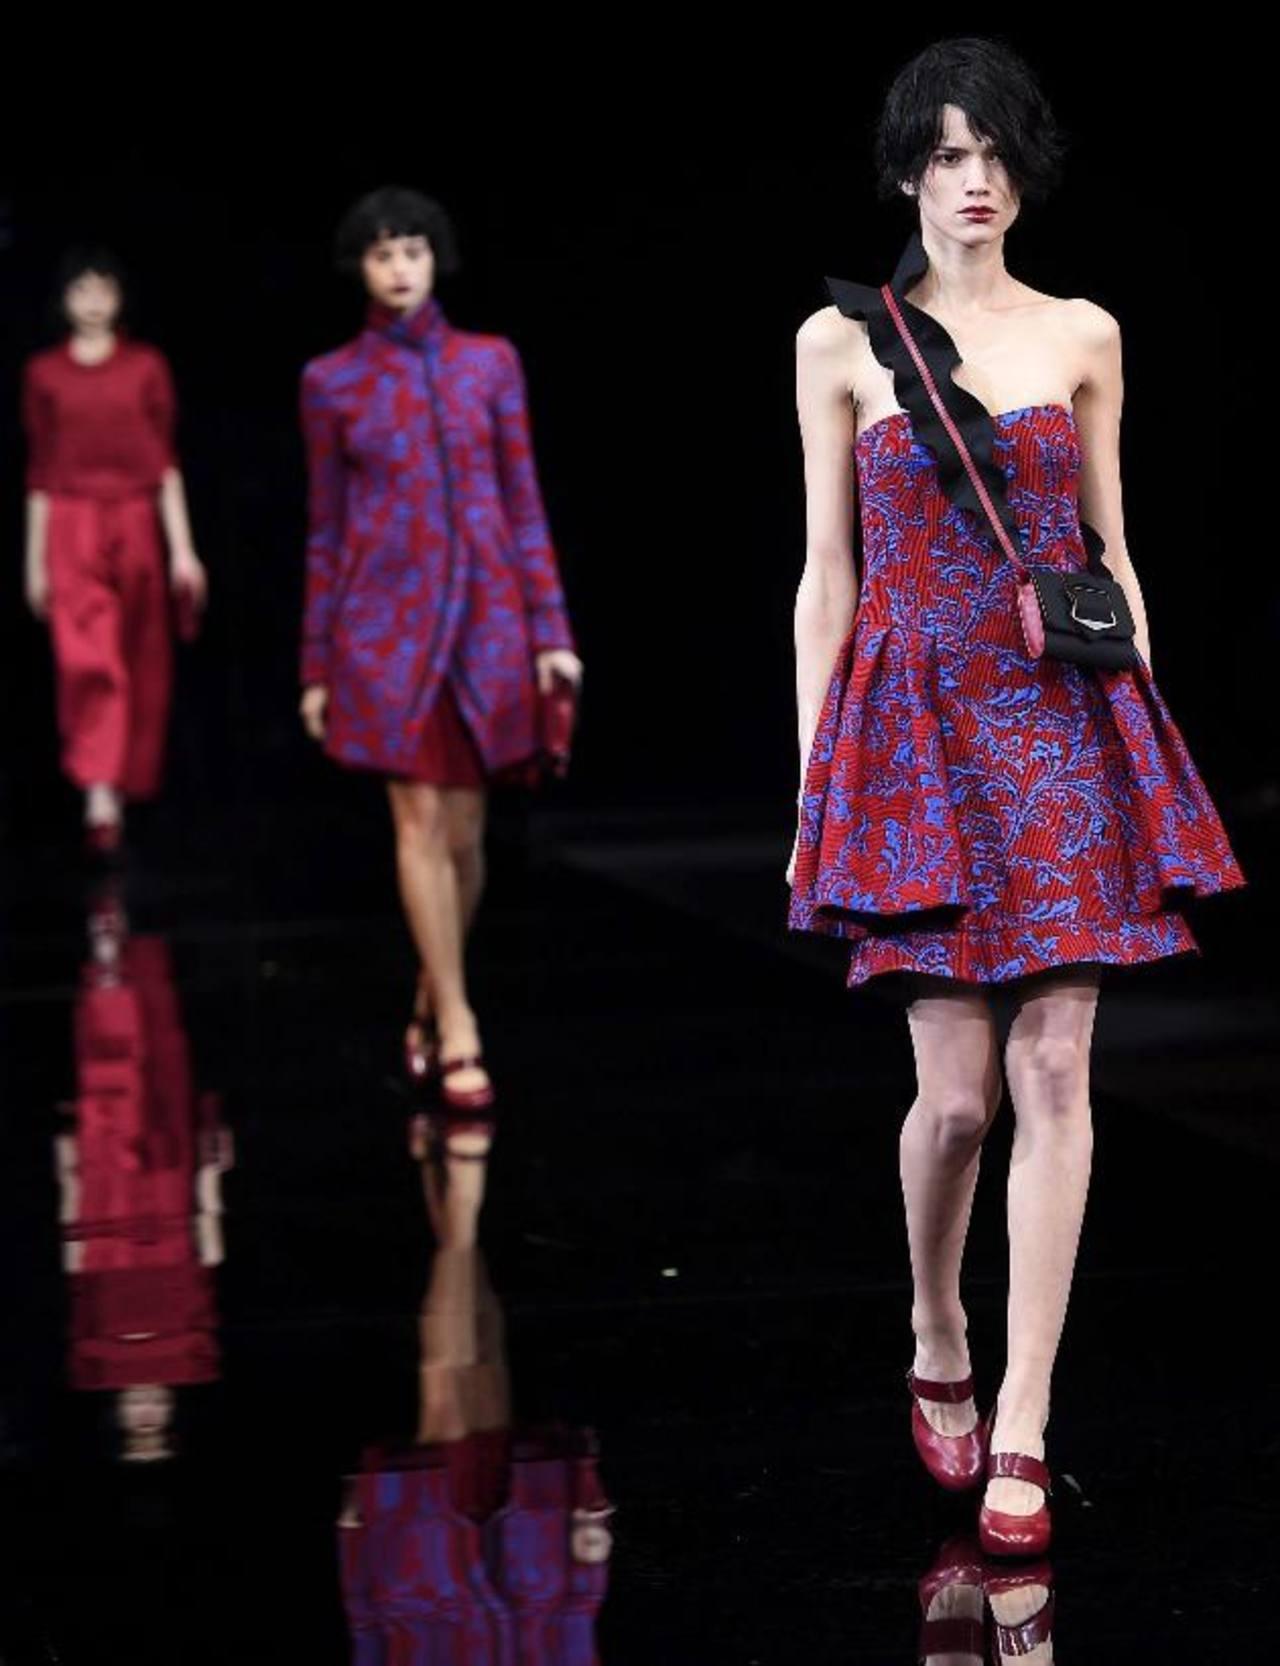 Modelos presenta la colección otoño-invierno de la firma italiana Emporio Armani. FOTOS Agencias